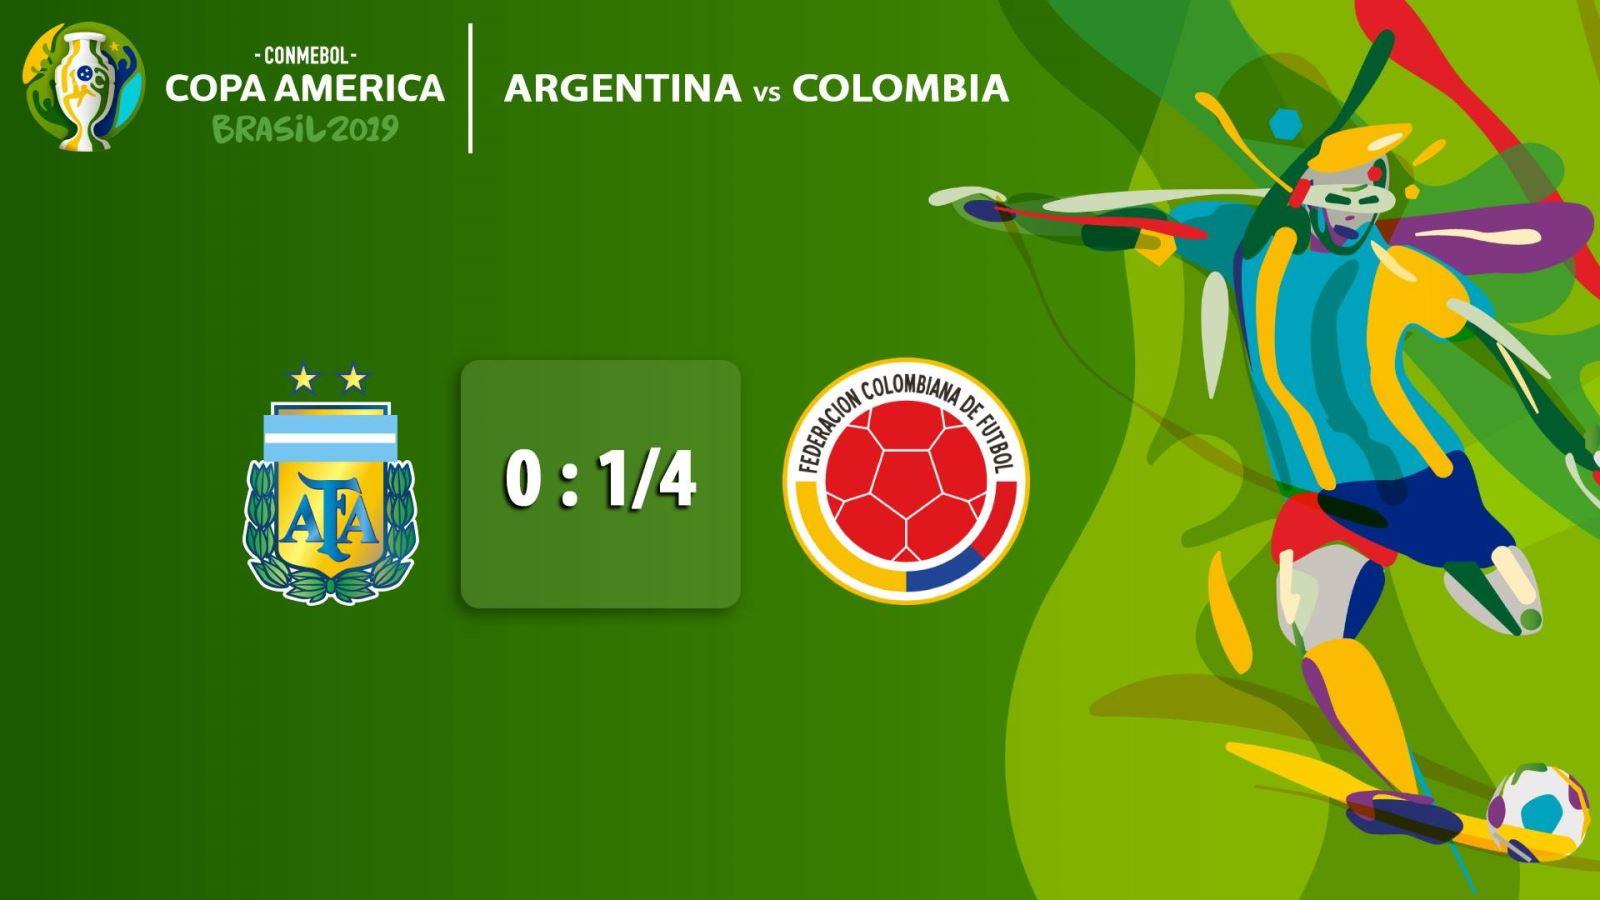 Argentina, Achentina, Argentina vs Colombia, soi kèo Argentina vs Colombia, truc tiep bong da, trực tiếp bóng đá, xem bóng đá, lịch thi đấu copa america 2019, fpt, k+, kèo bóng đá, copa america 2019